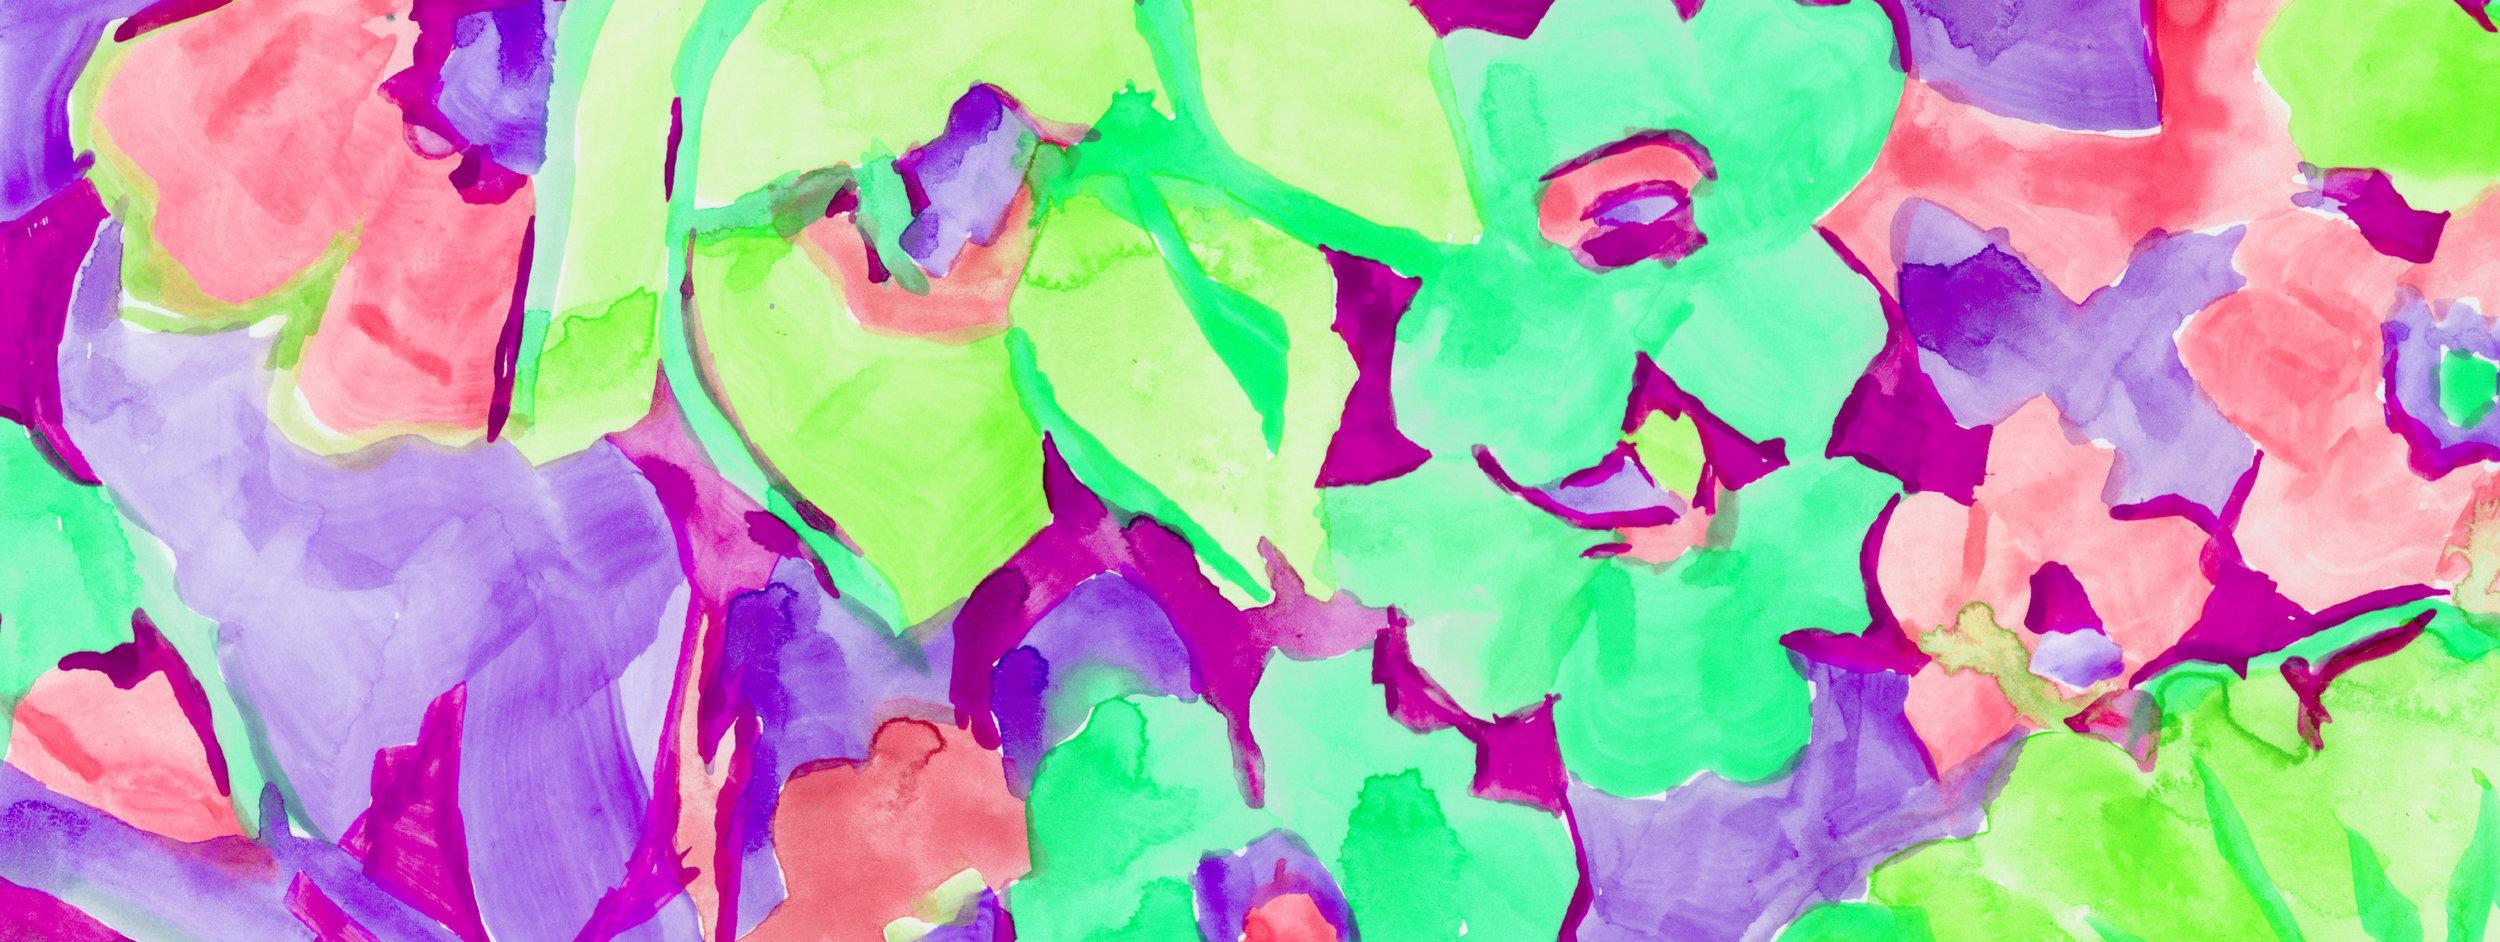 watercolorwebsite.jpg